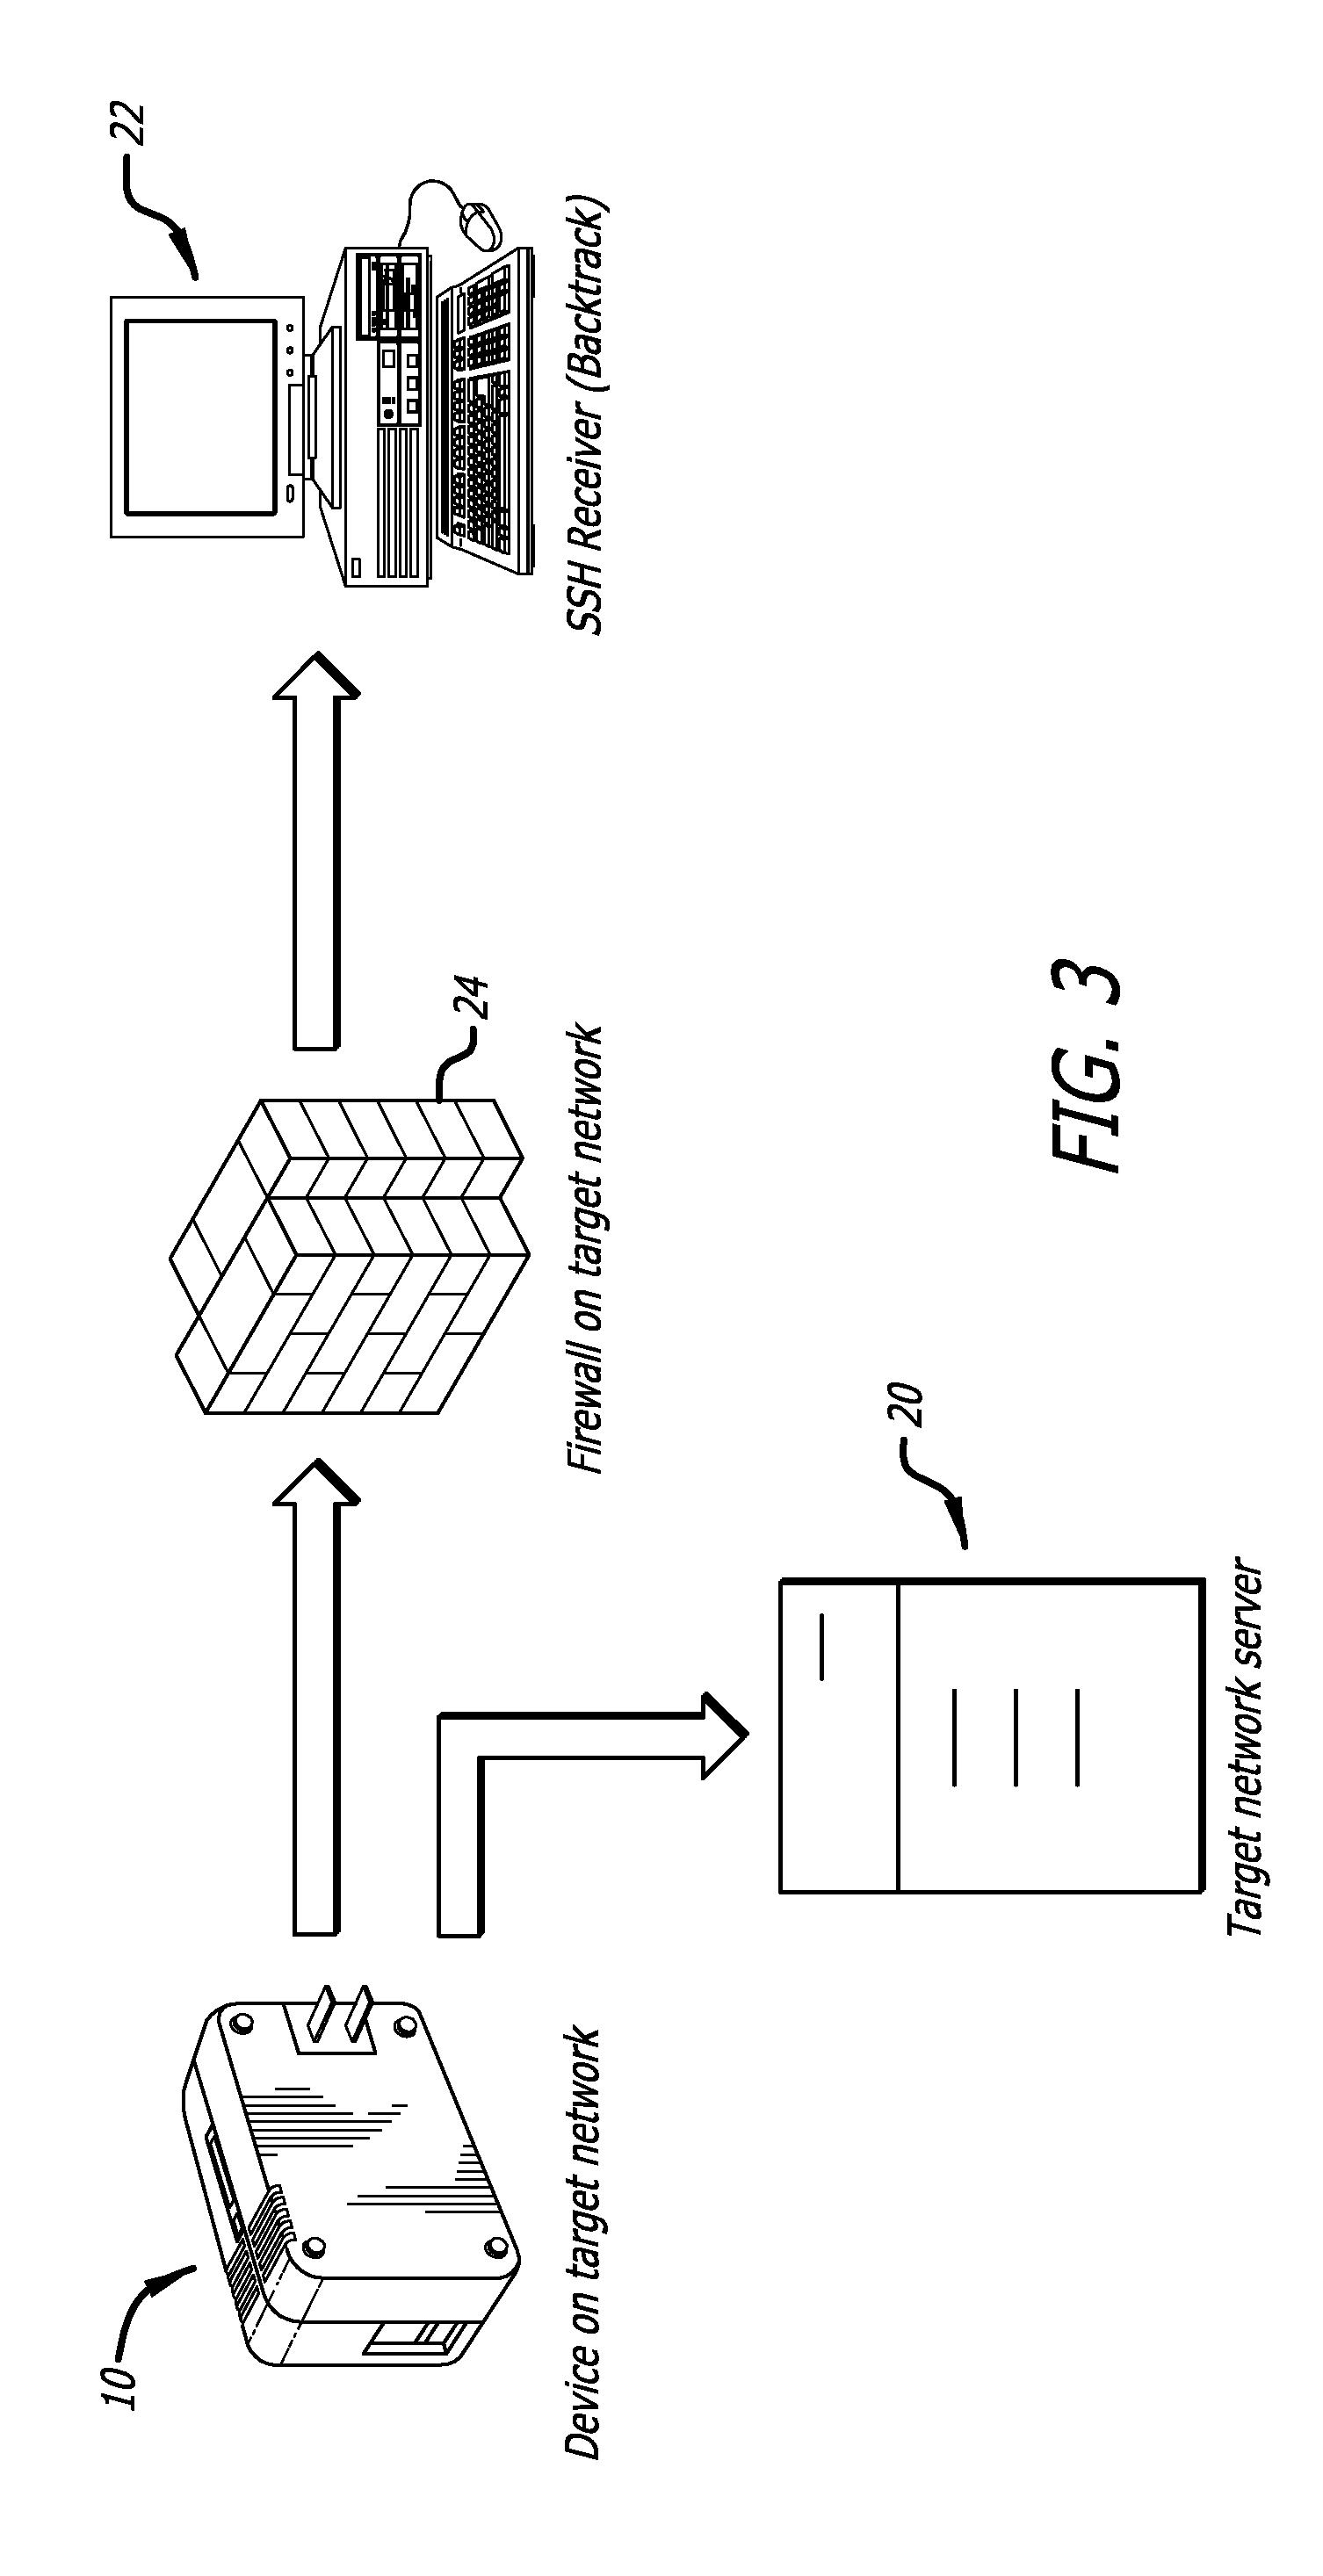 براءة الاختراع US20130014263 - System and method for